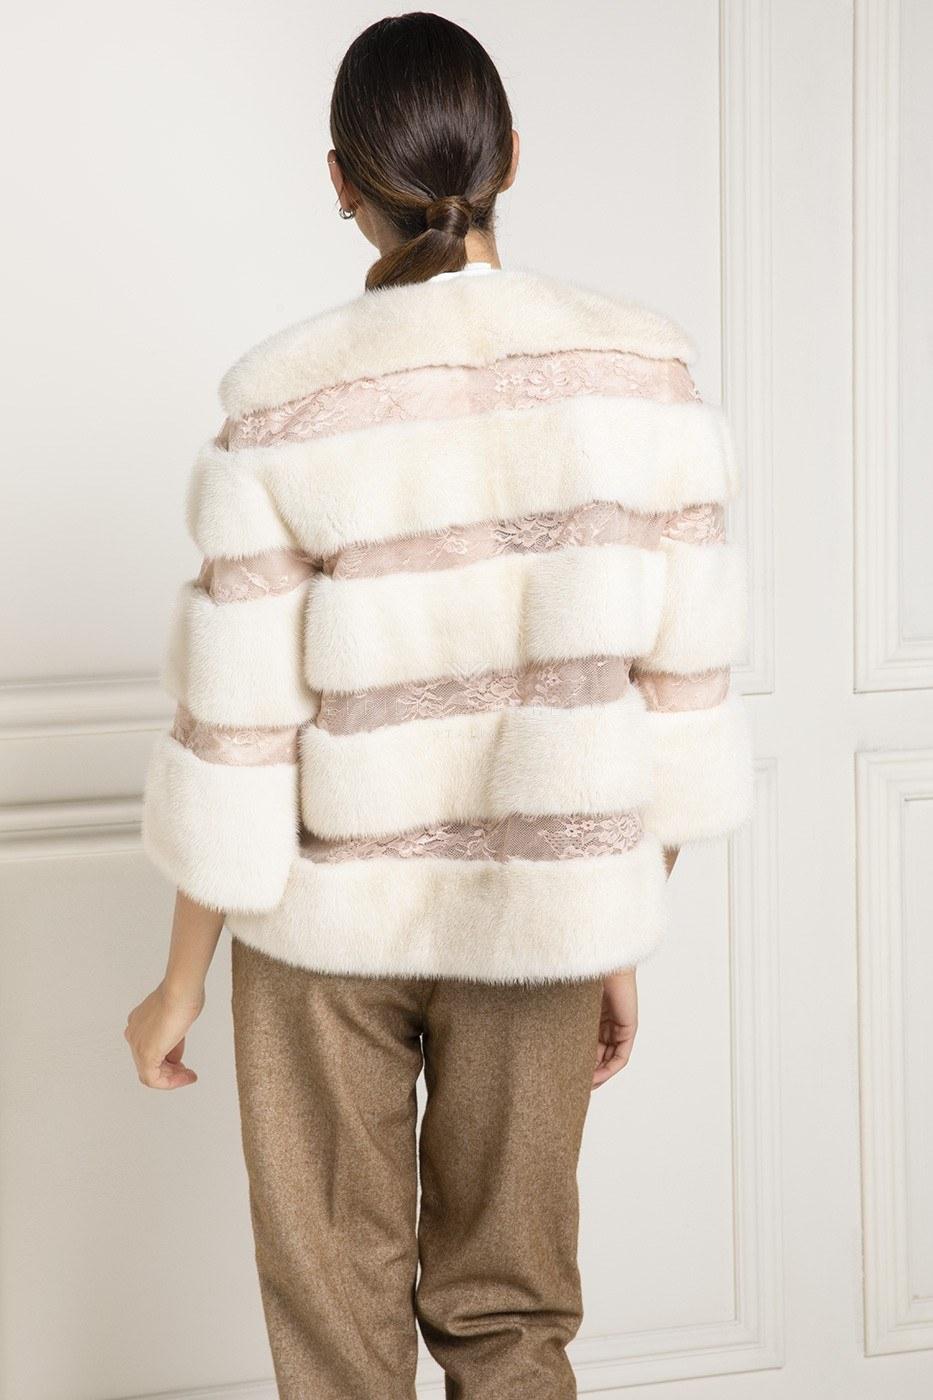 Mink Fur With Lace - Length 65 cm